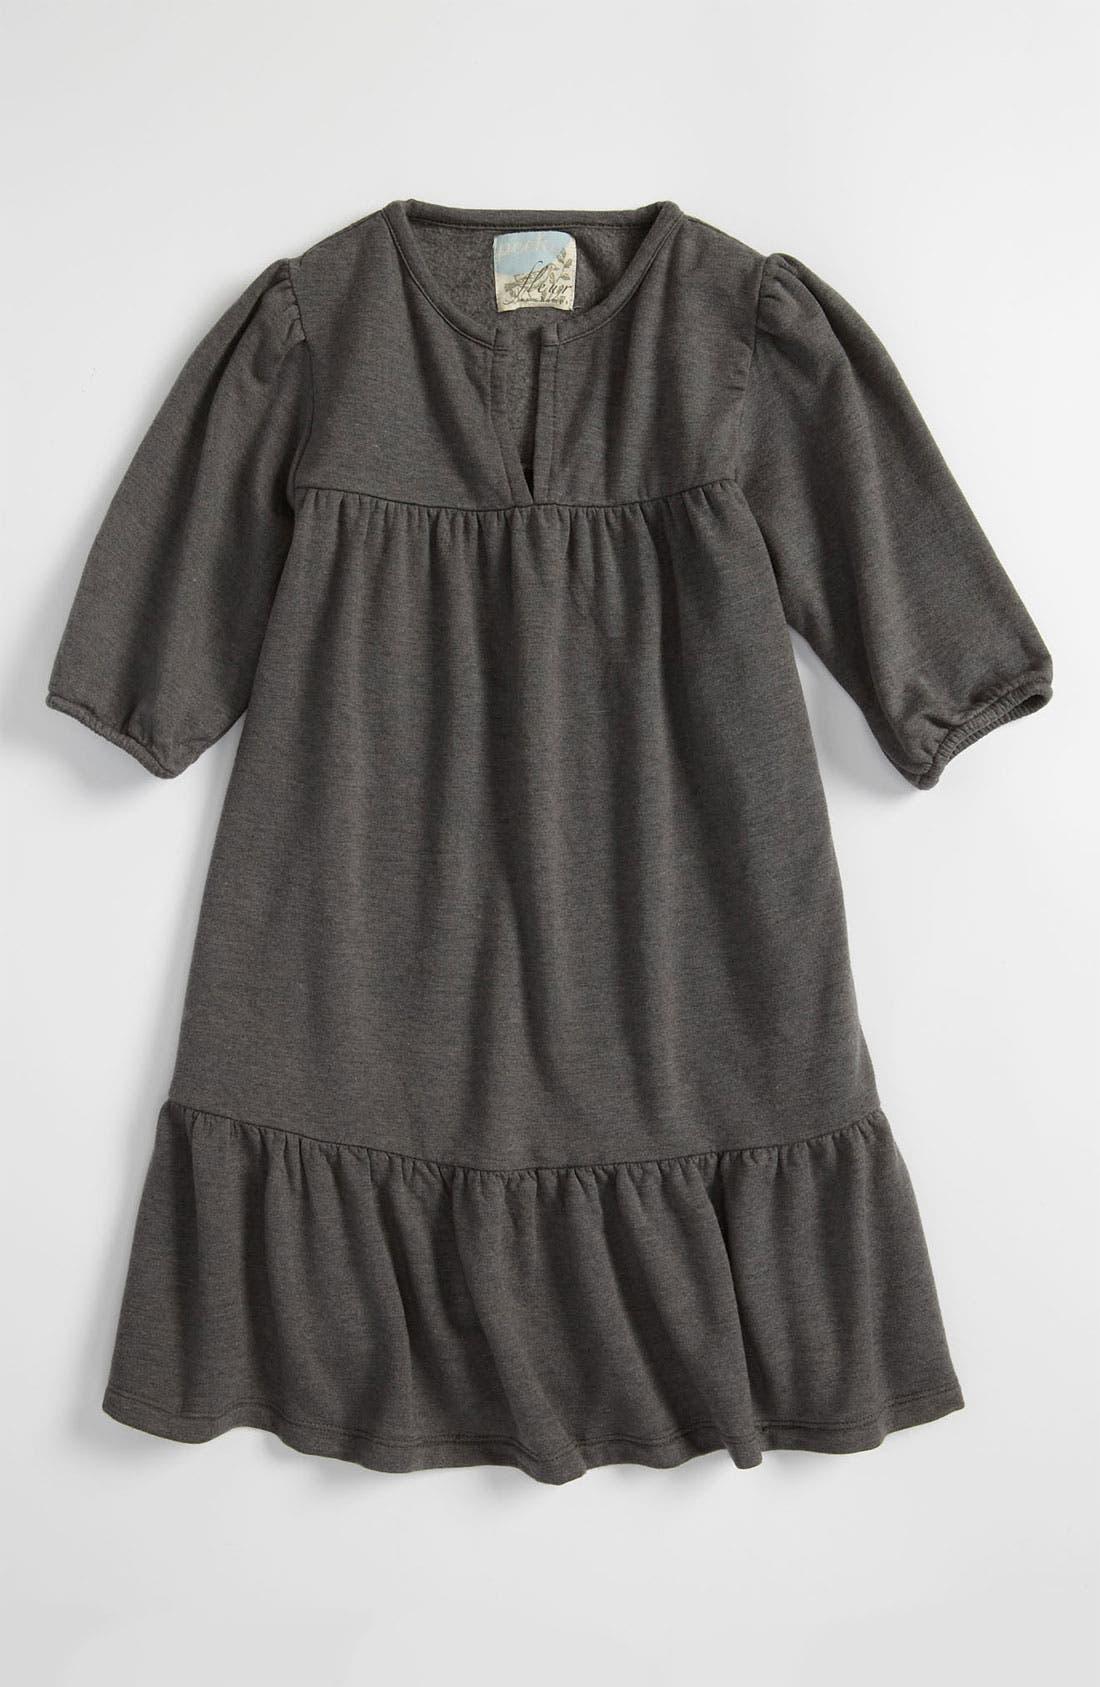 Main Image - Peek 'Eliza' Dress (Toddler, Little Girls & Big Girls)